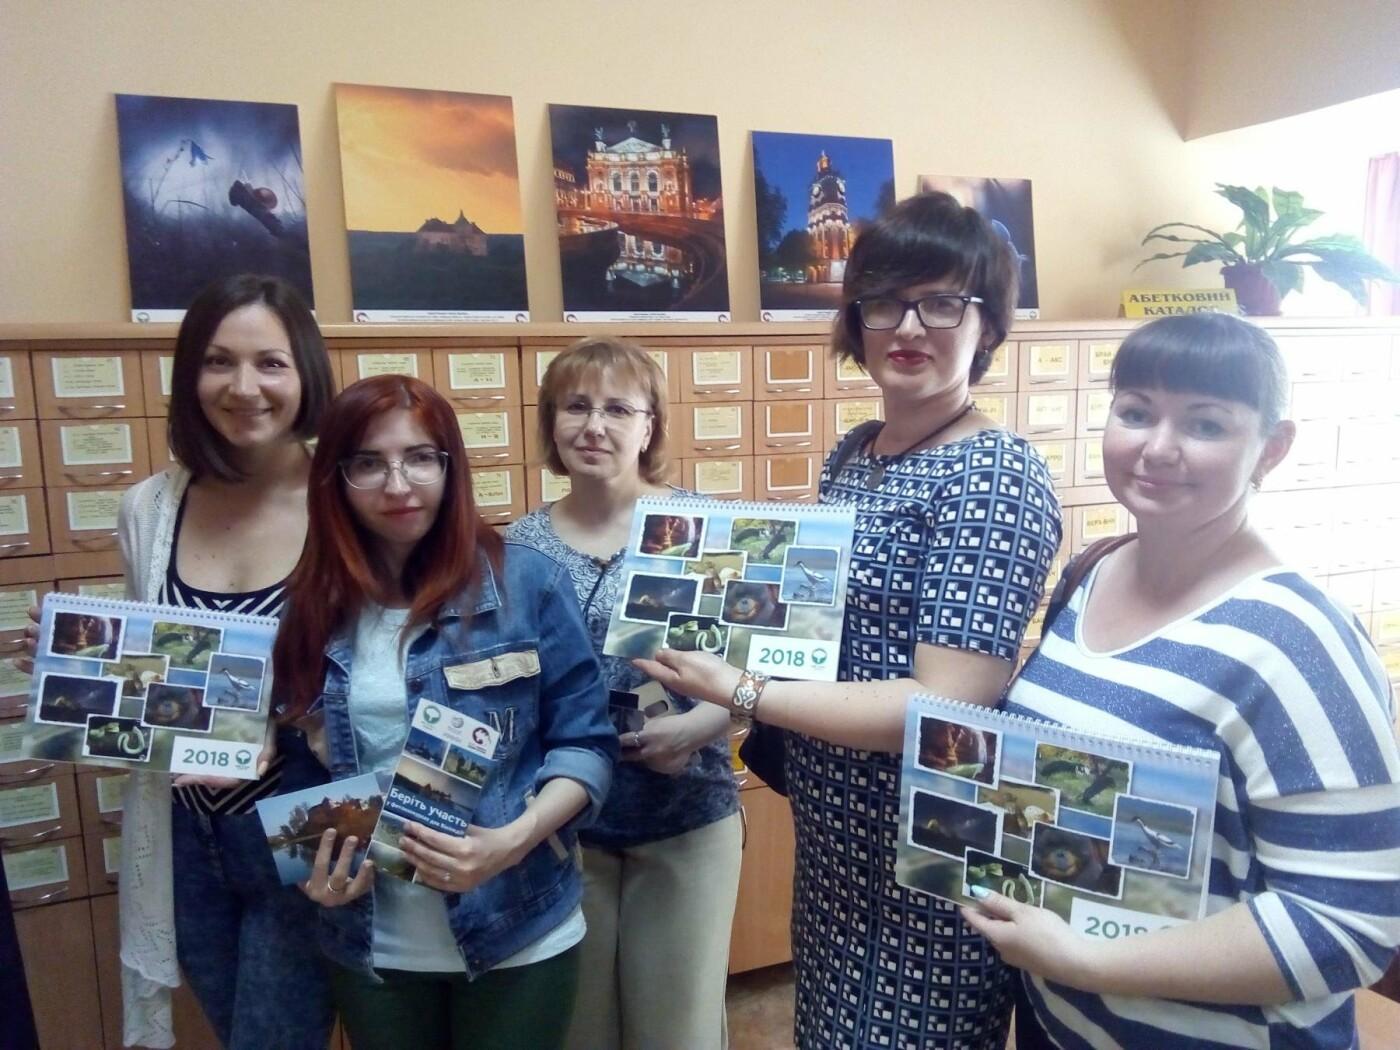 Херсонців запрошують на виставку Вікіпедії у самому центрі міста, фото-5